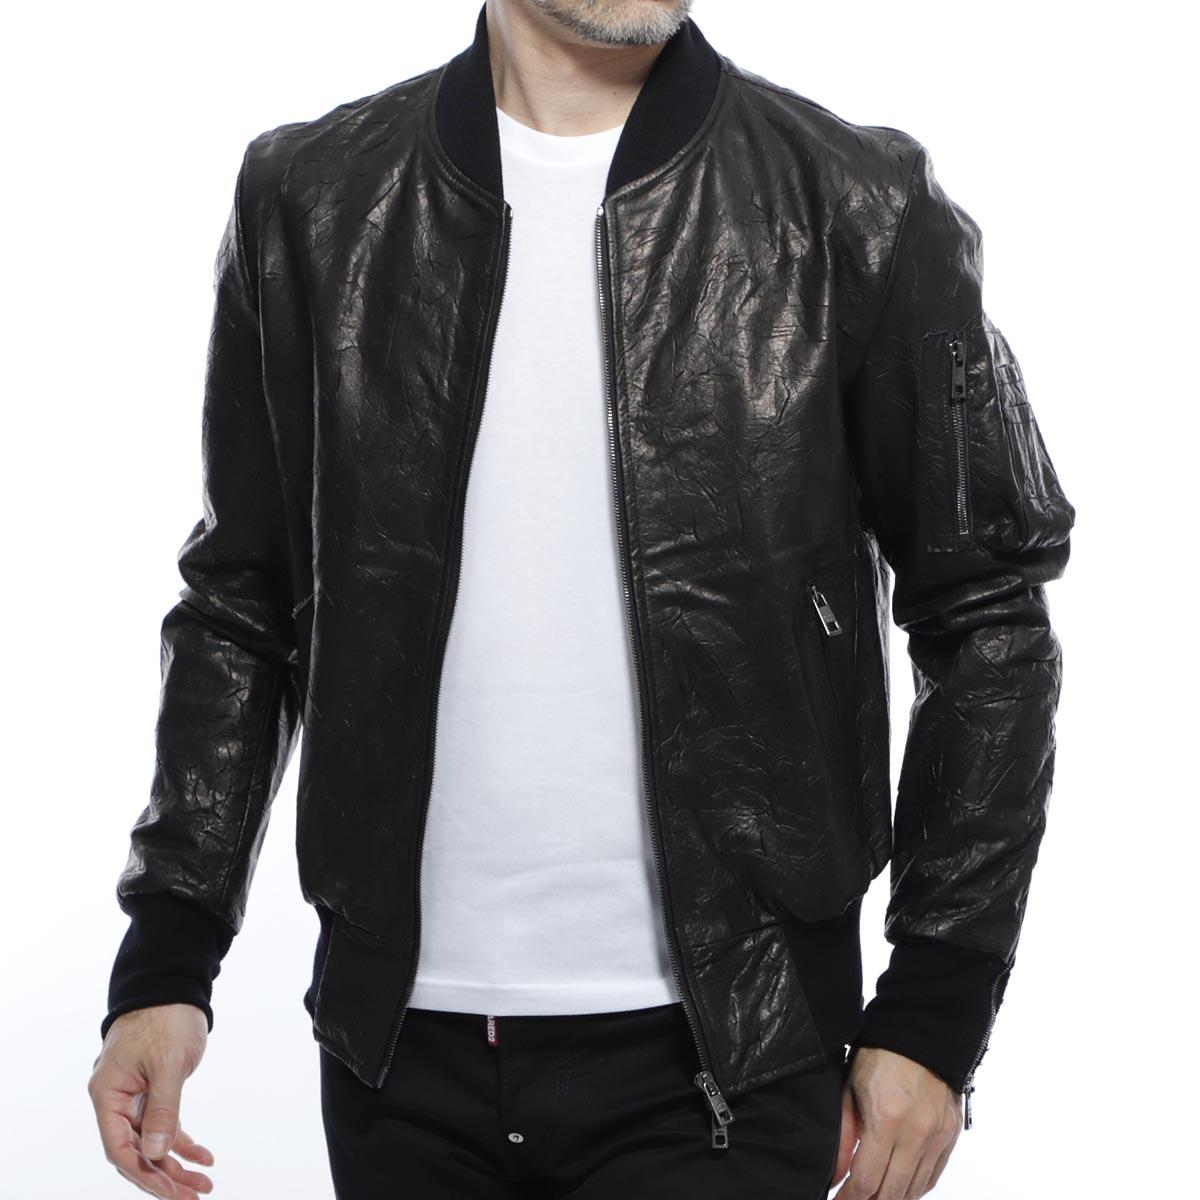 ジョルジオブラット GIORGIO BRATO レザーブルゾン レザージャケット ブラック メンズ アウター 大きいサイズあり gu20s 9499crum nero CRUM【あす楽対応_関東】【返品送料無料】【ラッピング無料】